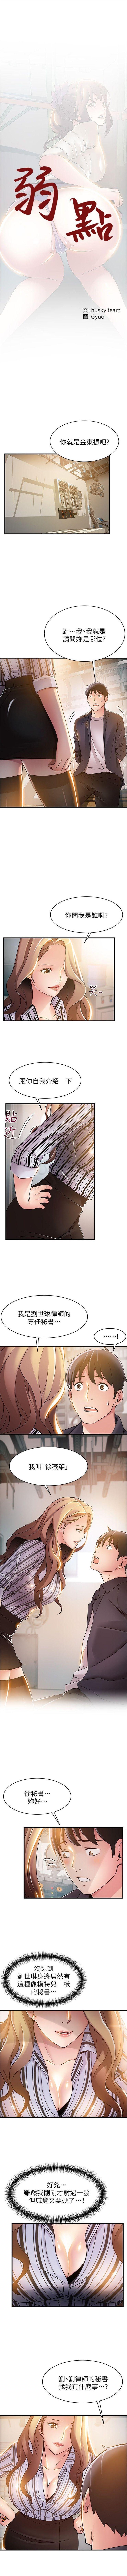 (周7)弱点 1-66 中文翻译(更新中) 100